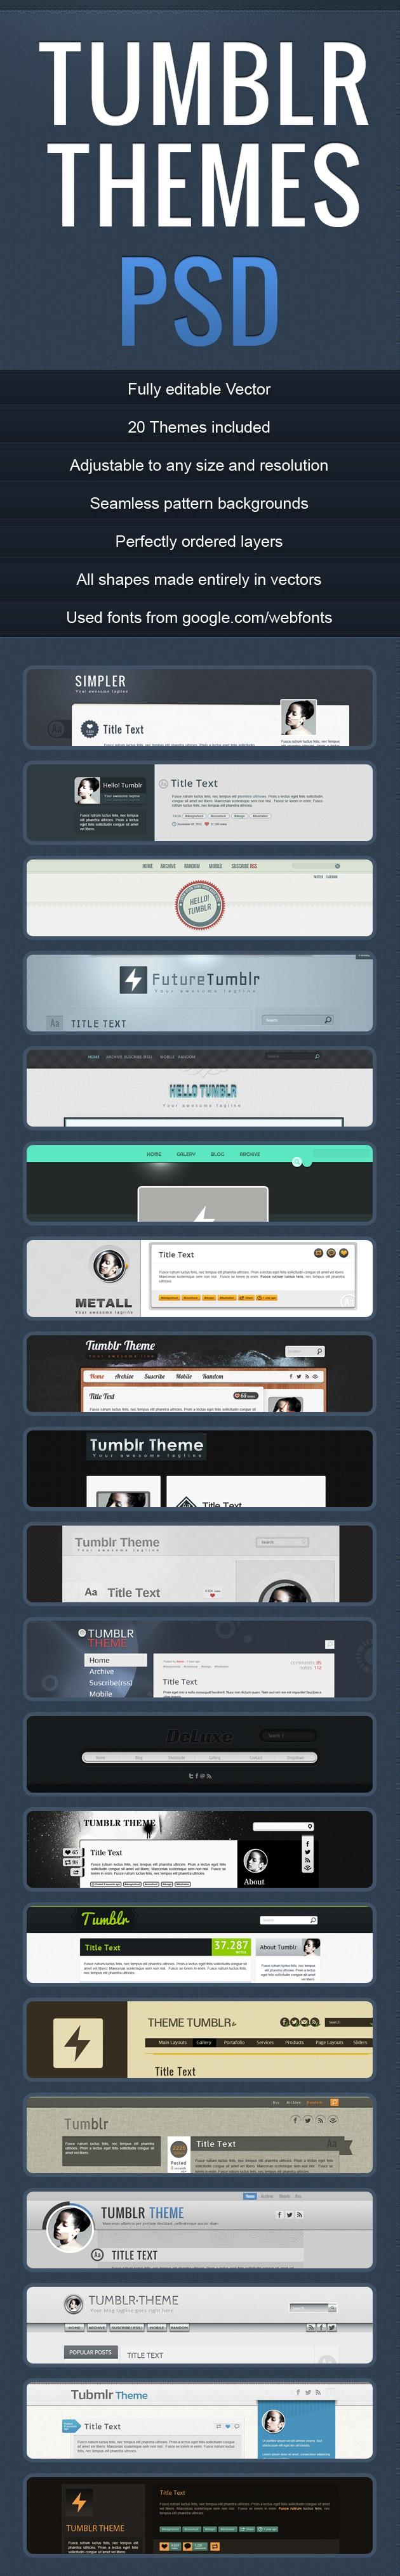 INTRO-TumblrThemes